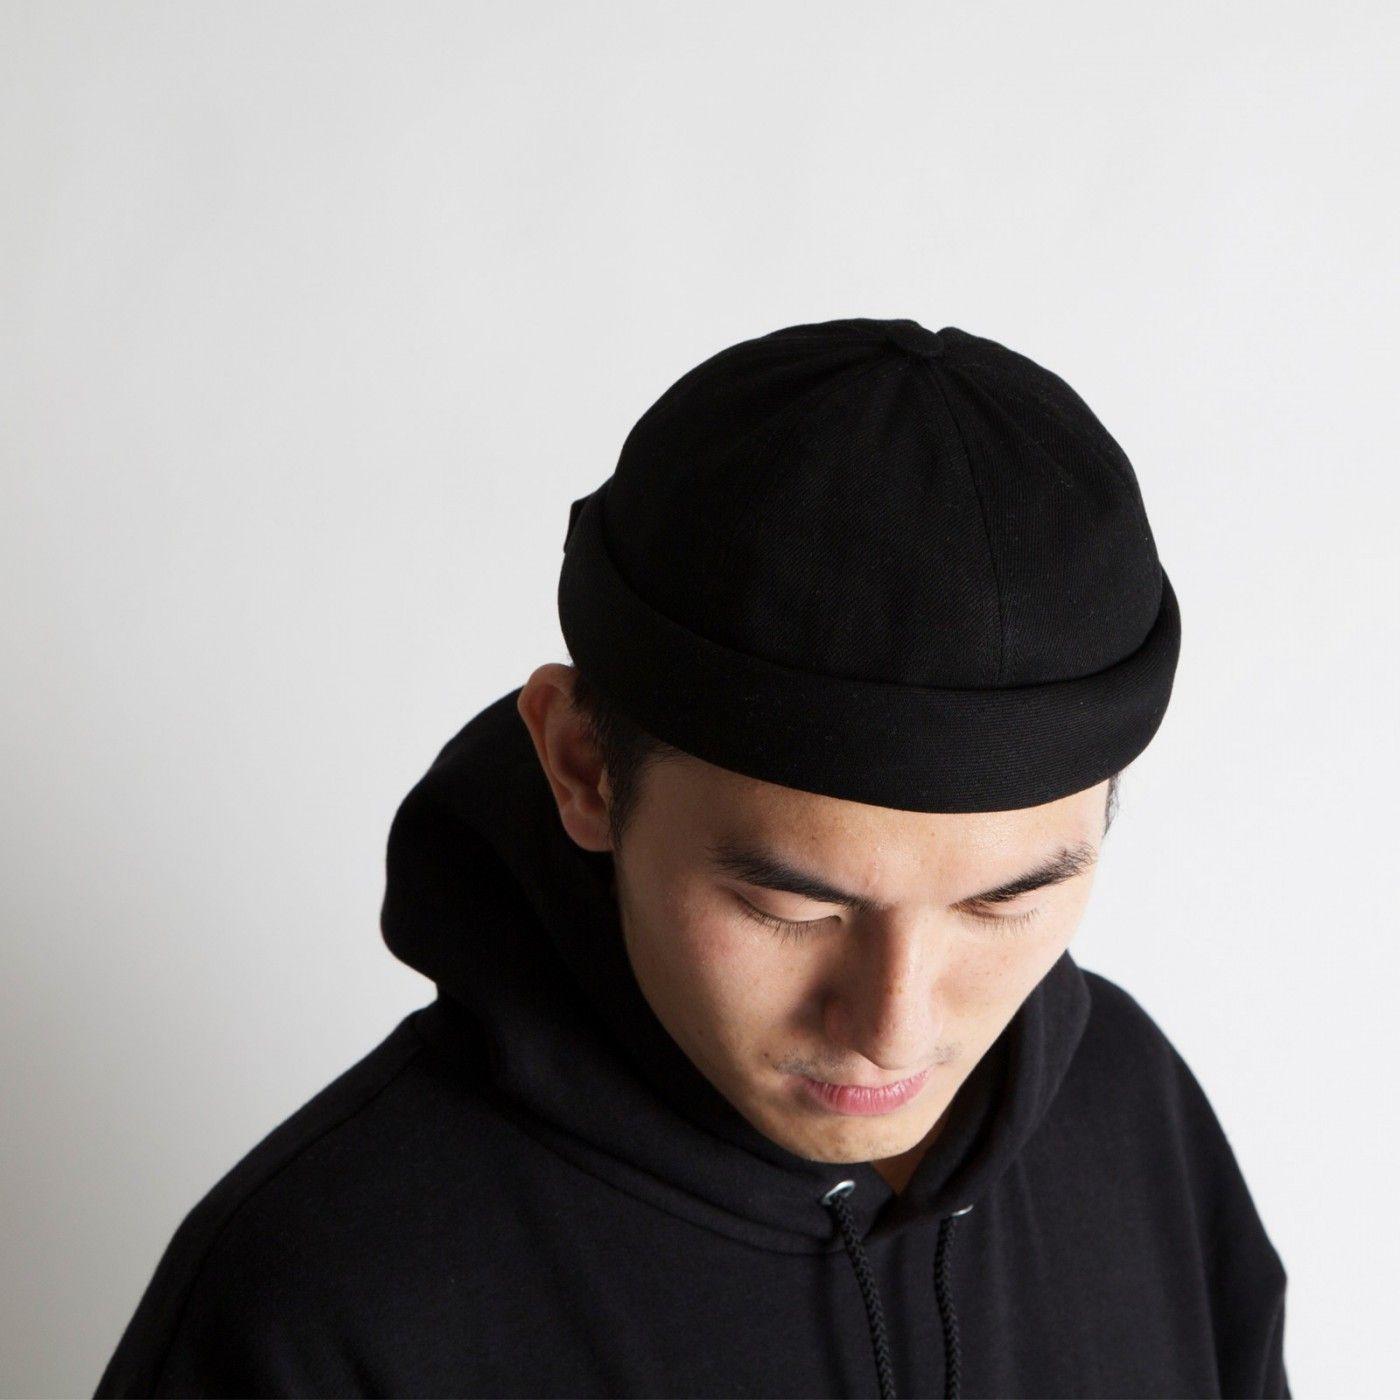 black miki hat, béton ciré. | Miki, Streetwear fashion, Hats